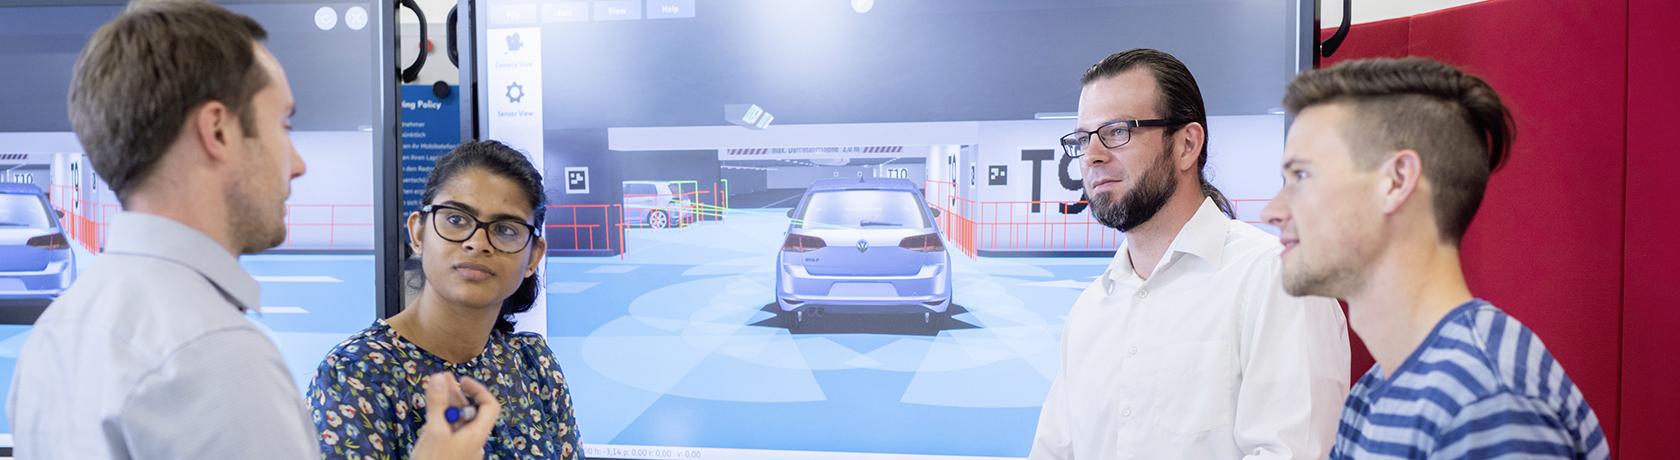 Test drive virtuali per il collaudo dei sistemi di assistenza